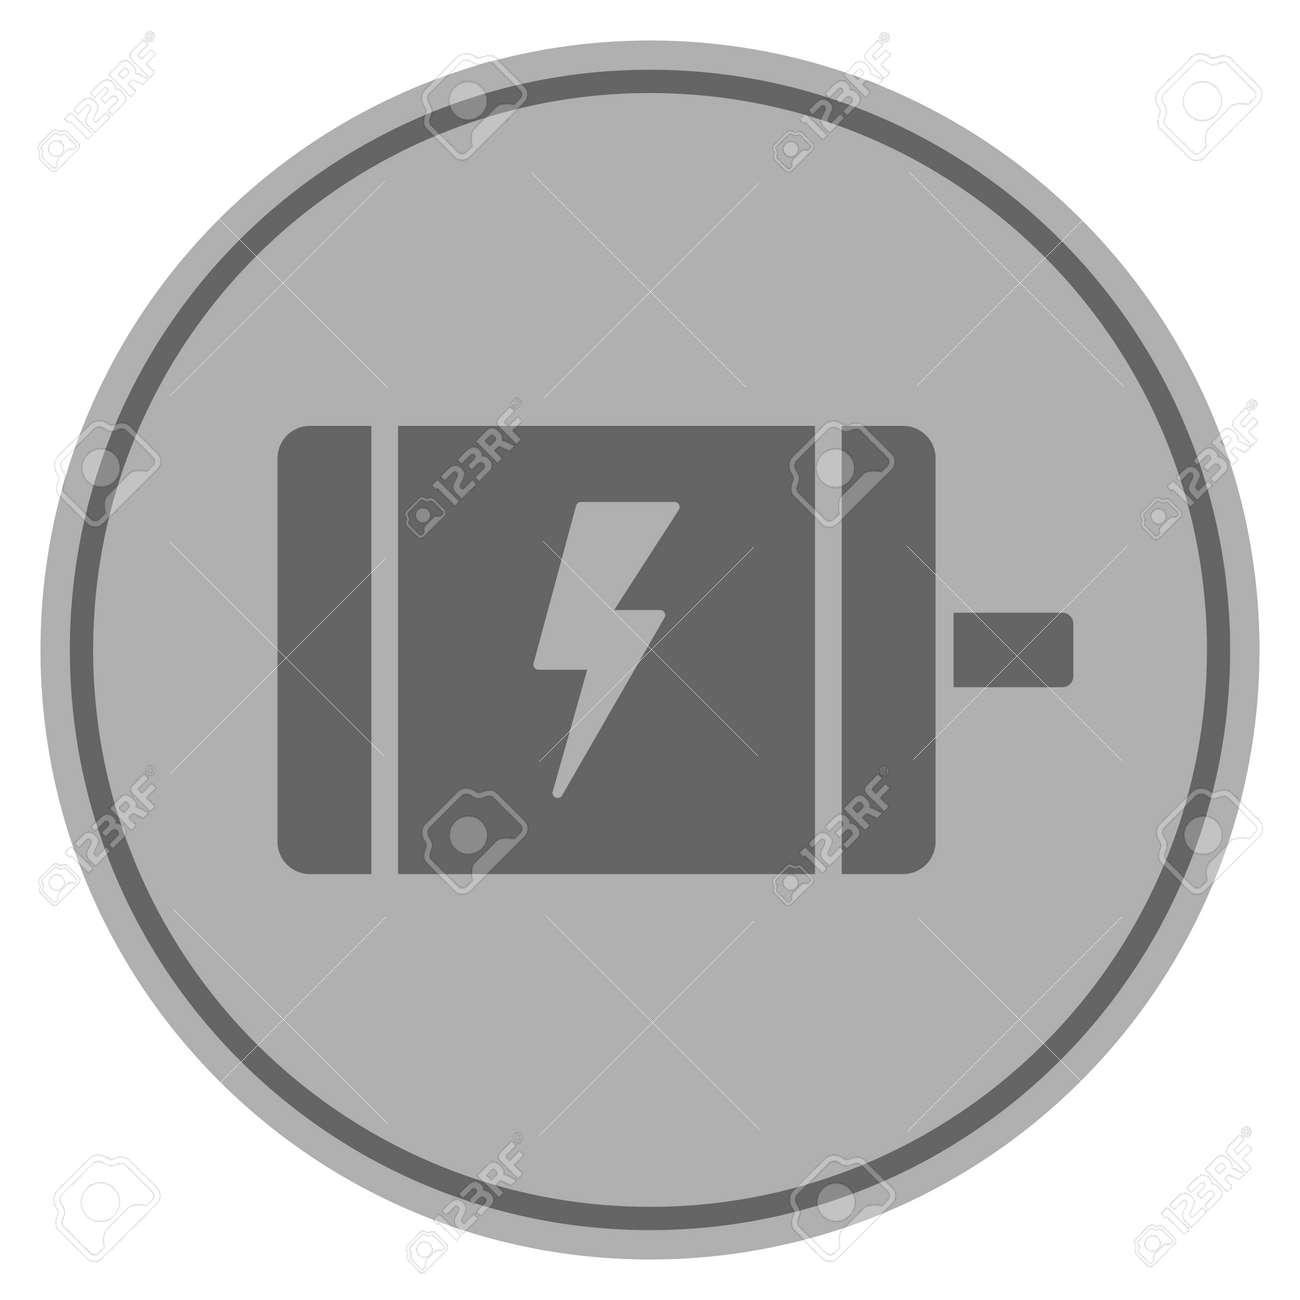 Großzügig Symbol Für Rheostat Galerie - Elektrische Schaltplan-Ideen ...